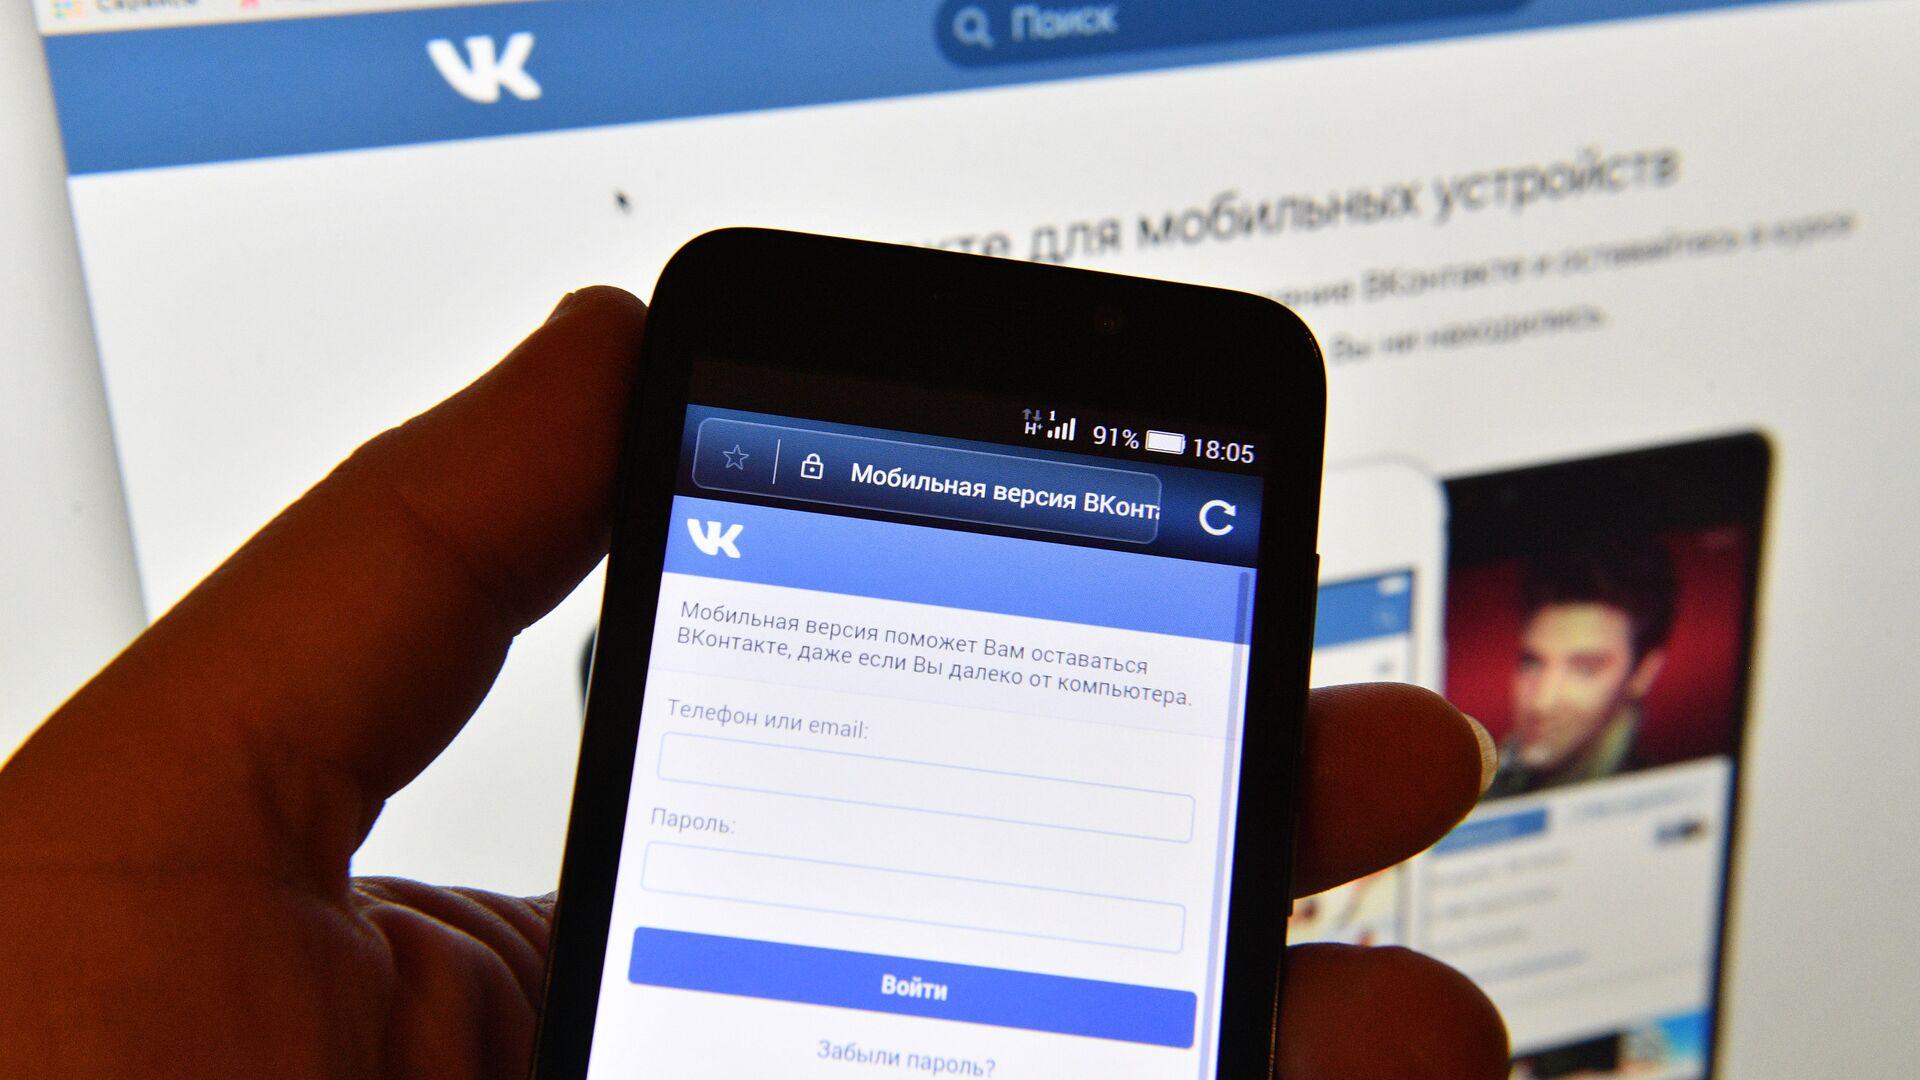 Страница социальной сети Вконтакте на экране смартфона - РИА Новости, 1920, 13.09.2020